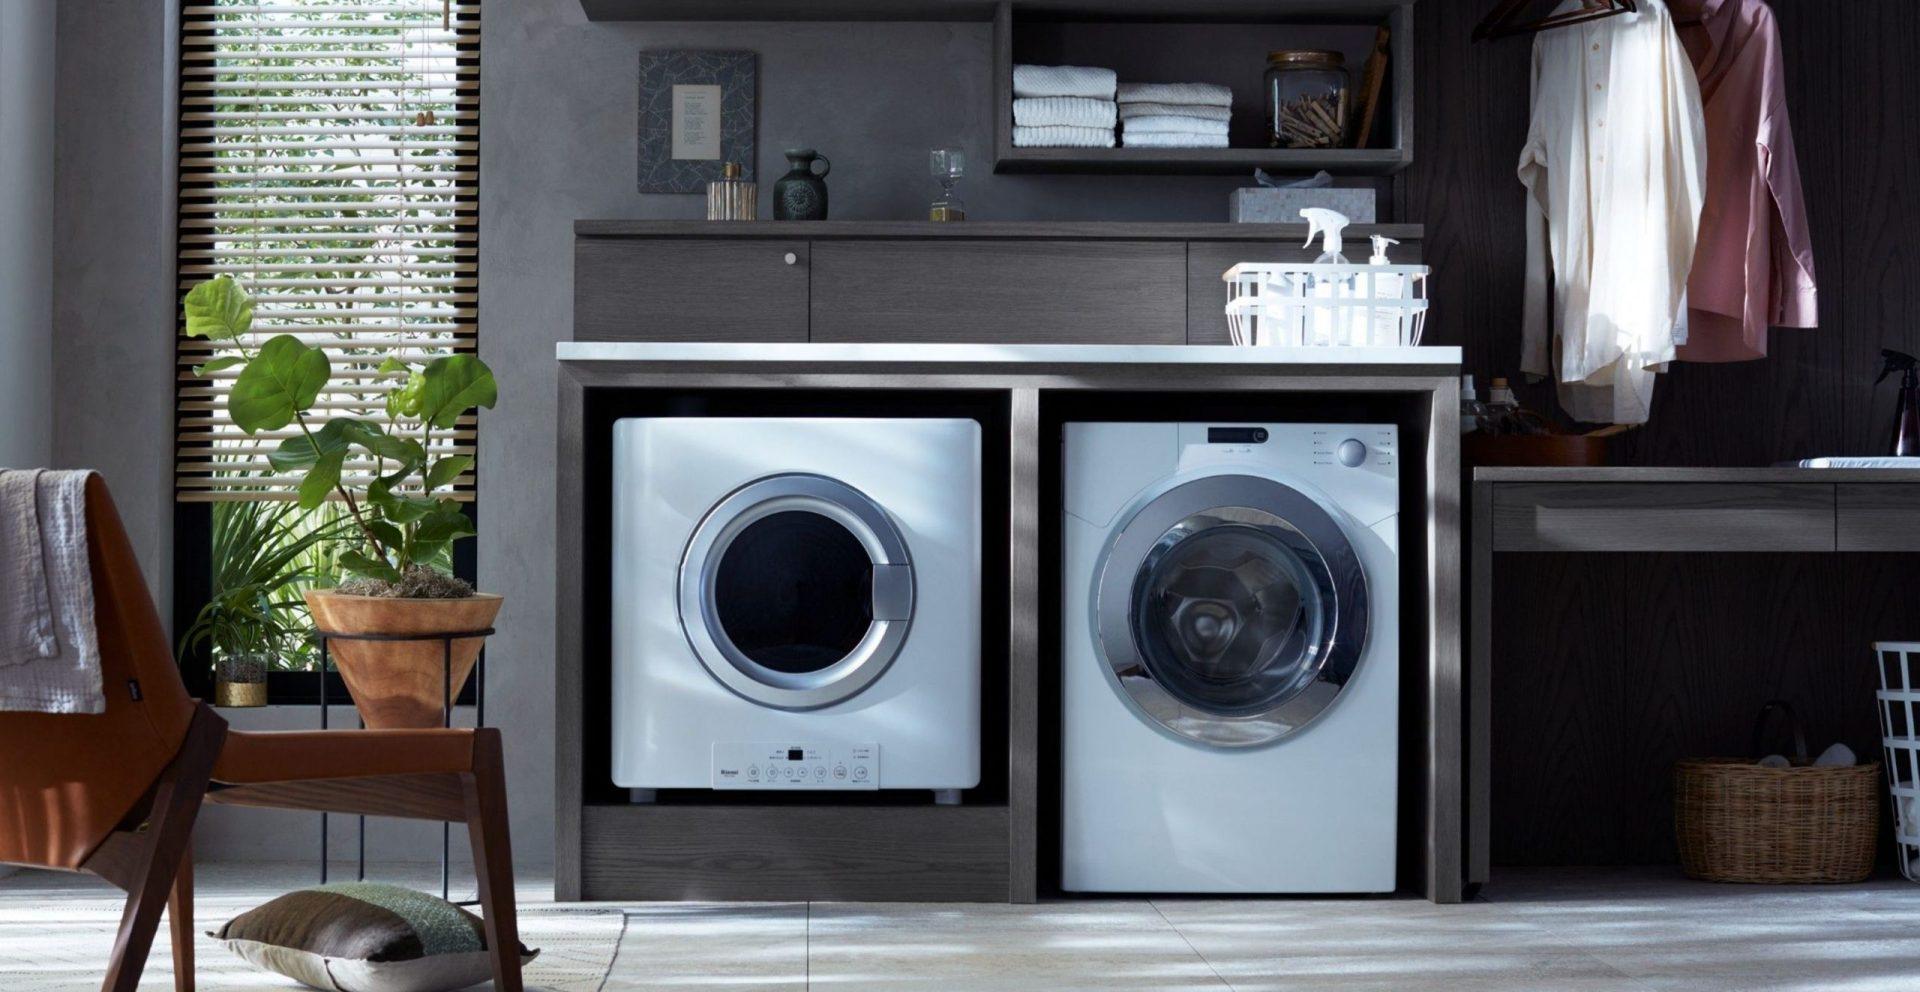 ドラム式洗濯機と乾太くんの併用イメージ(出典:リンナイ)